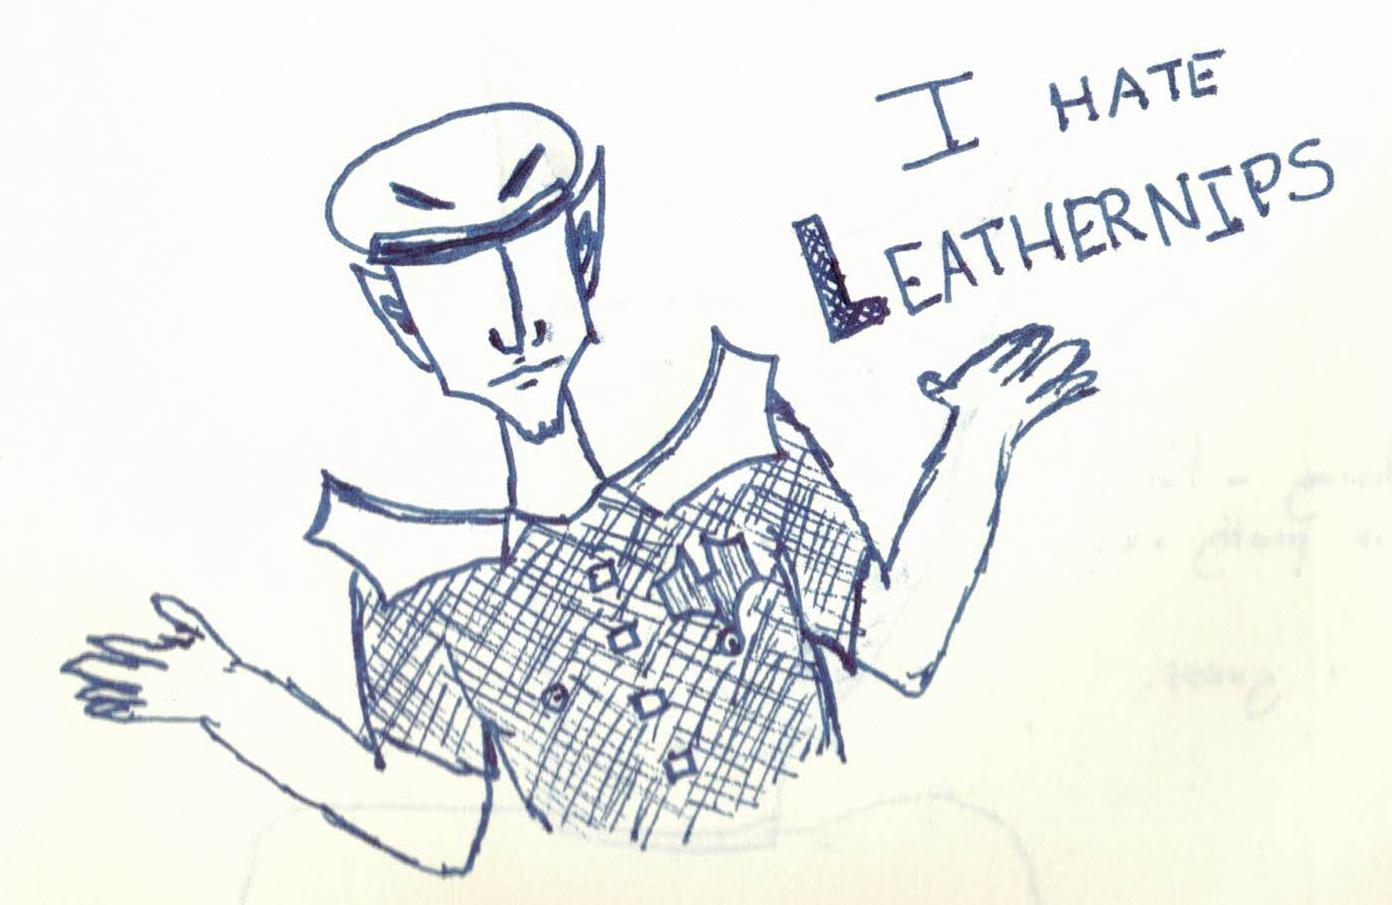 Leathernips